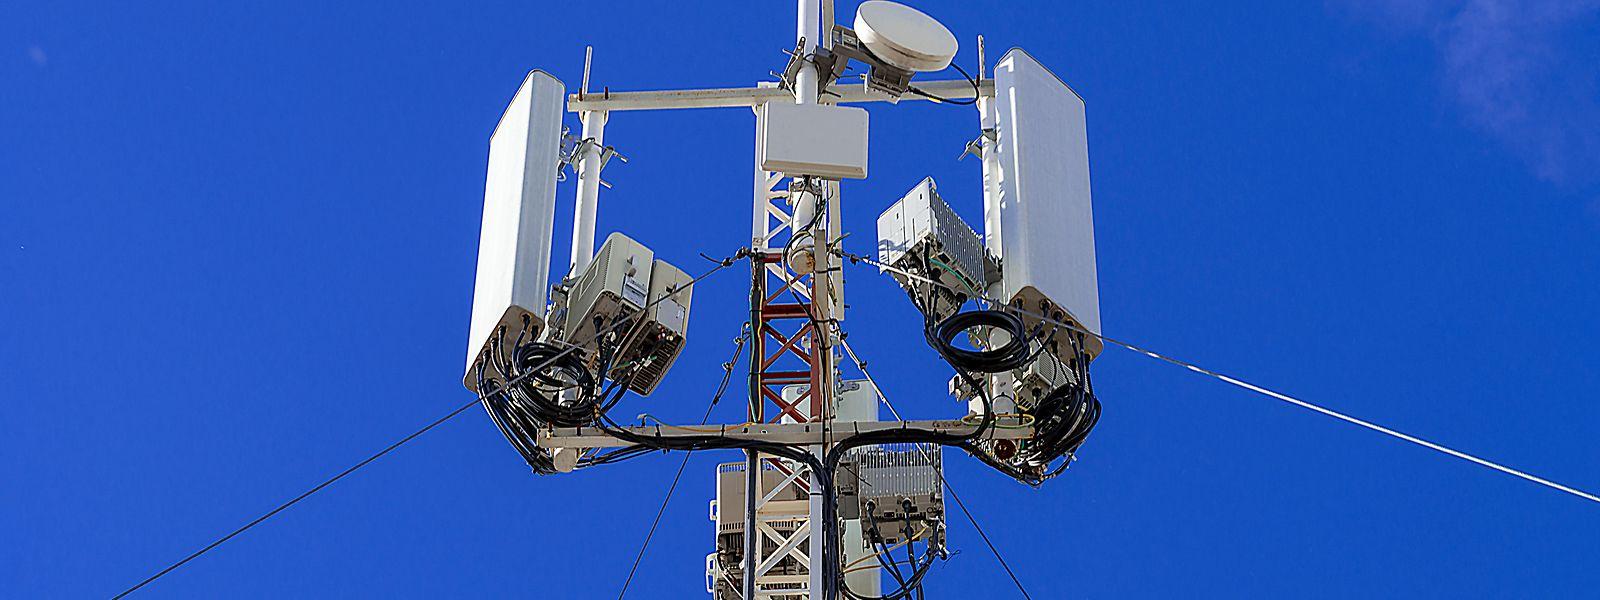 Wie bei den vorherigen Mobilfunknetzen müssen für das 5G-Netz neue Antennen installiert werden.